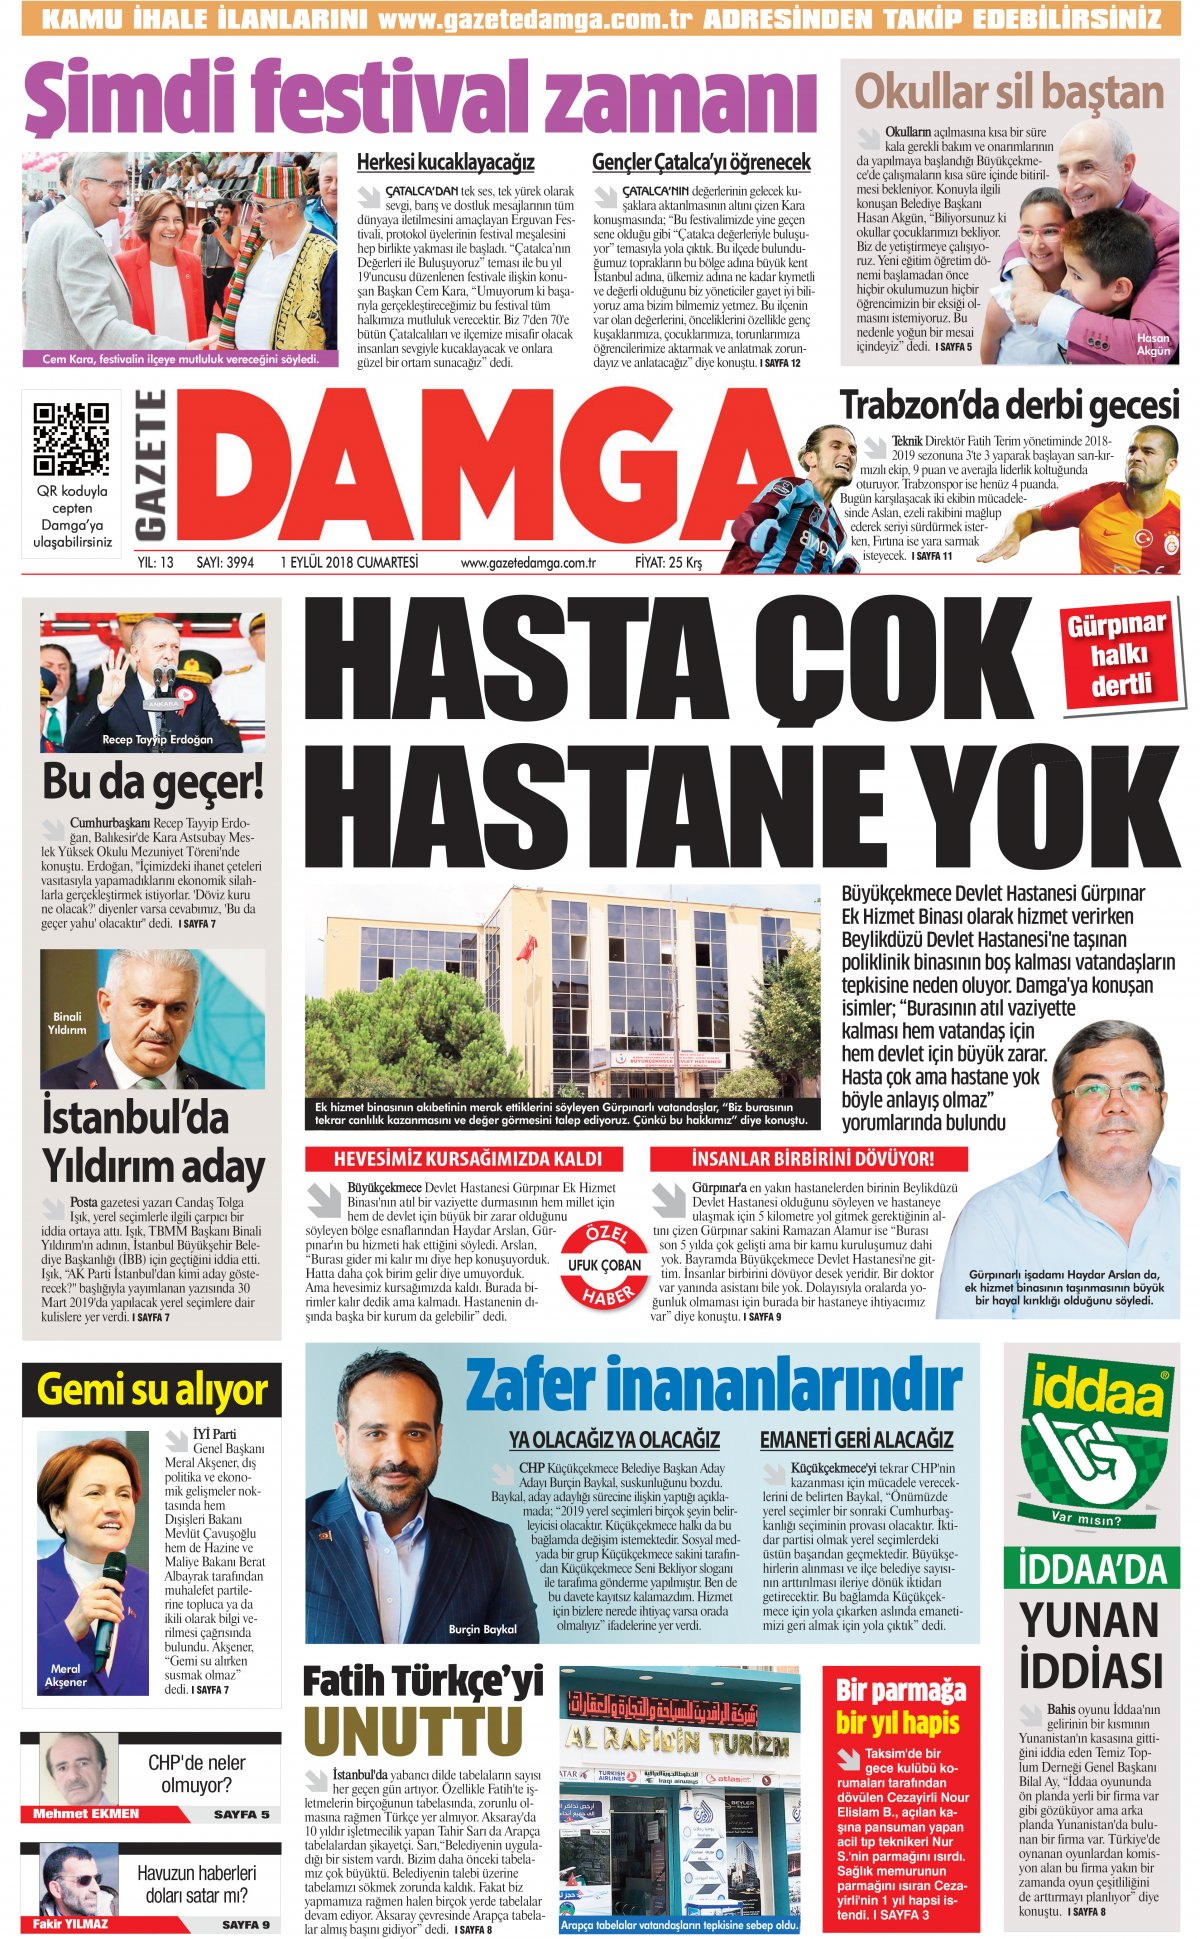 Gazete Damga - 01.09.2018 Manşeti